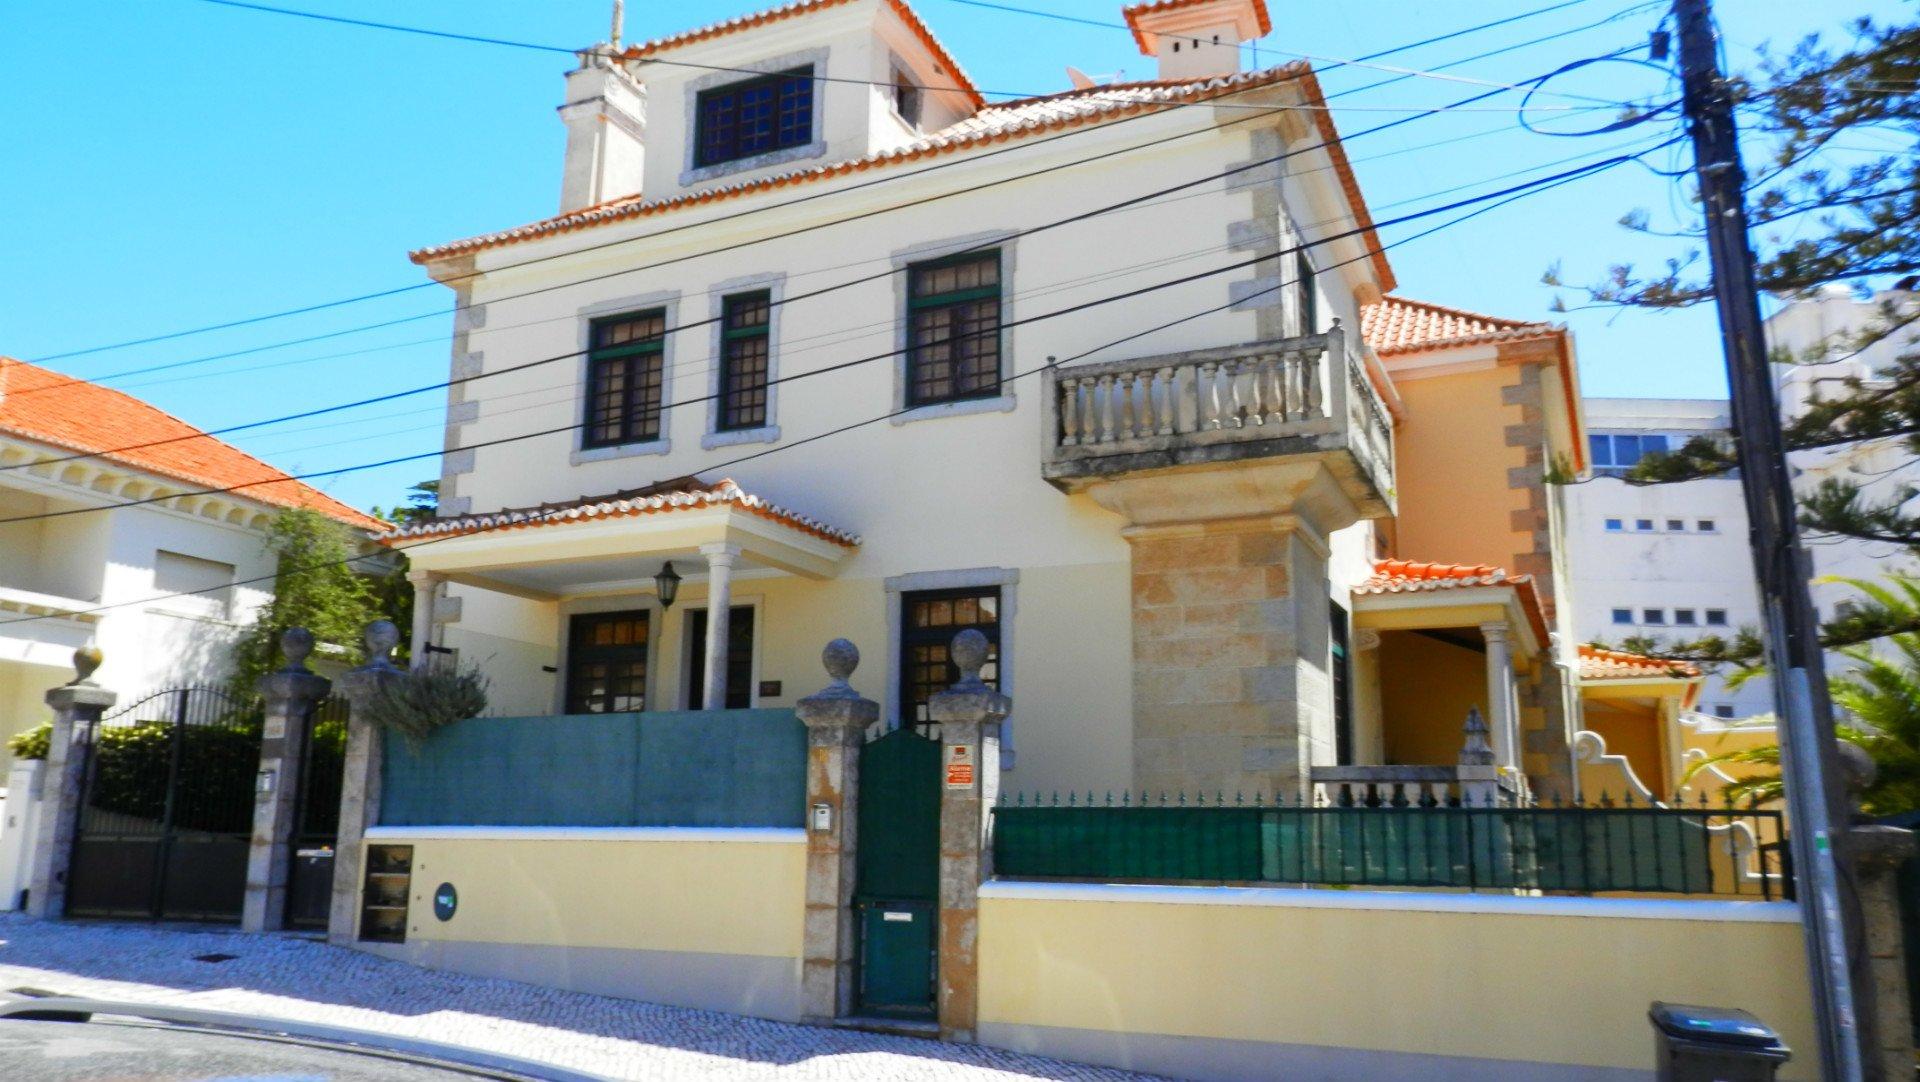 3 Bedroom Villa Cascais, Lisbon Ref: AVI308